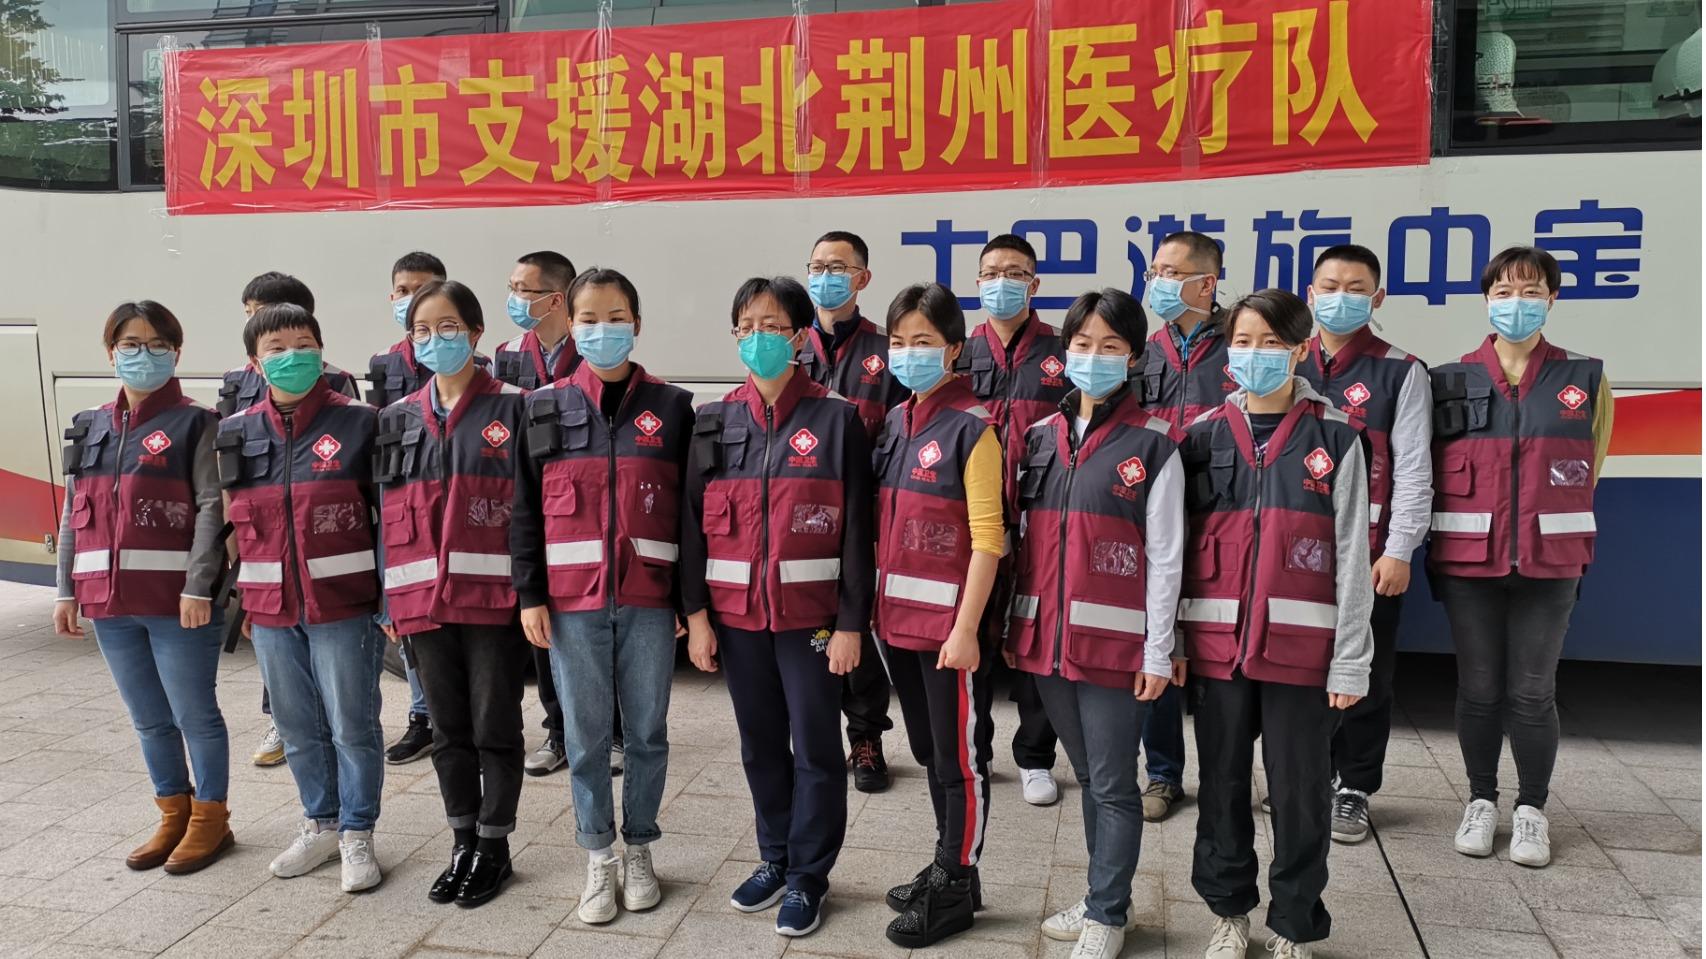 驰援湖北,荆州战疫——深网记者一线直击